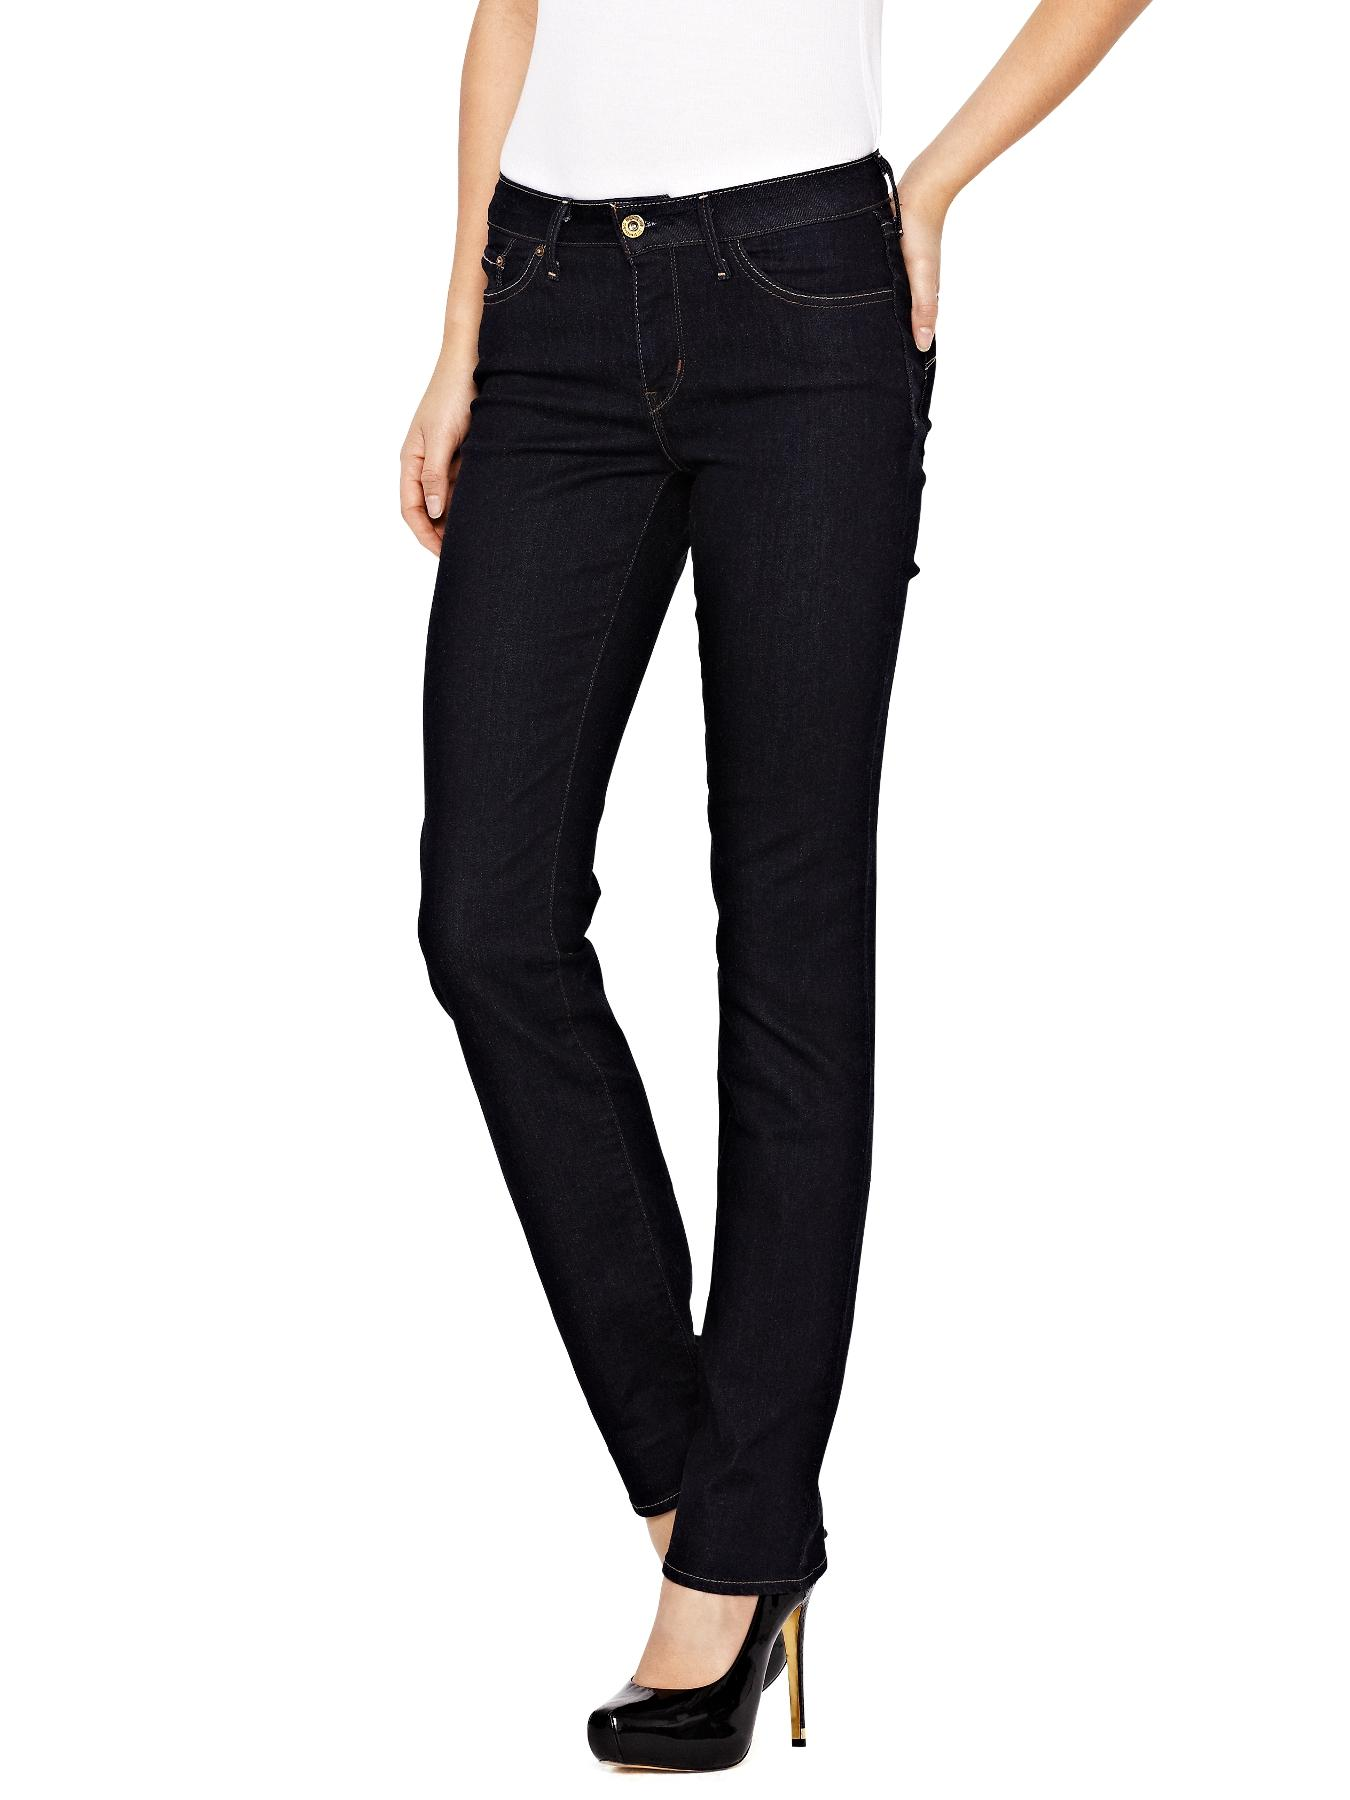 Levi's Demi Curve Slim Fit Jeans - Indigo, Indigo